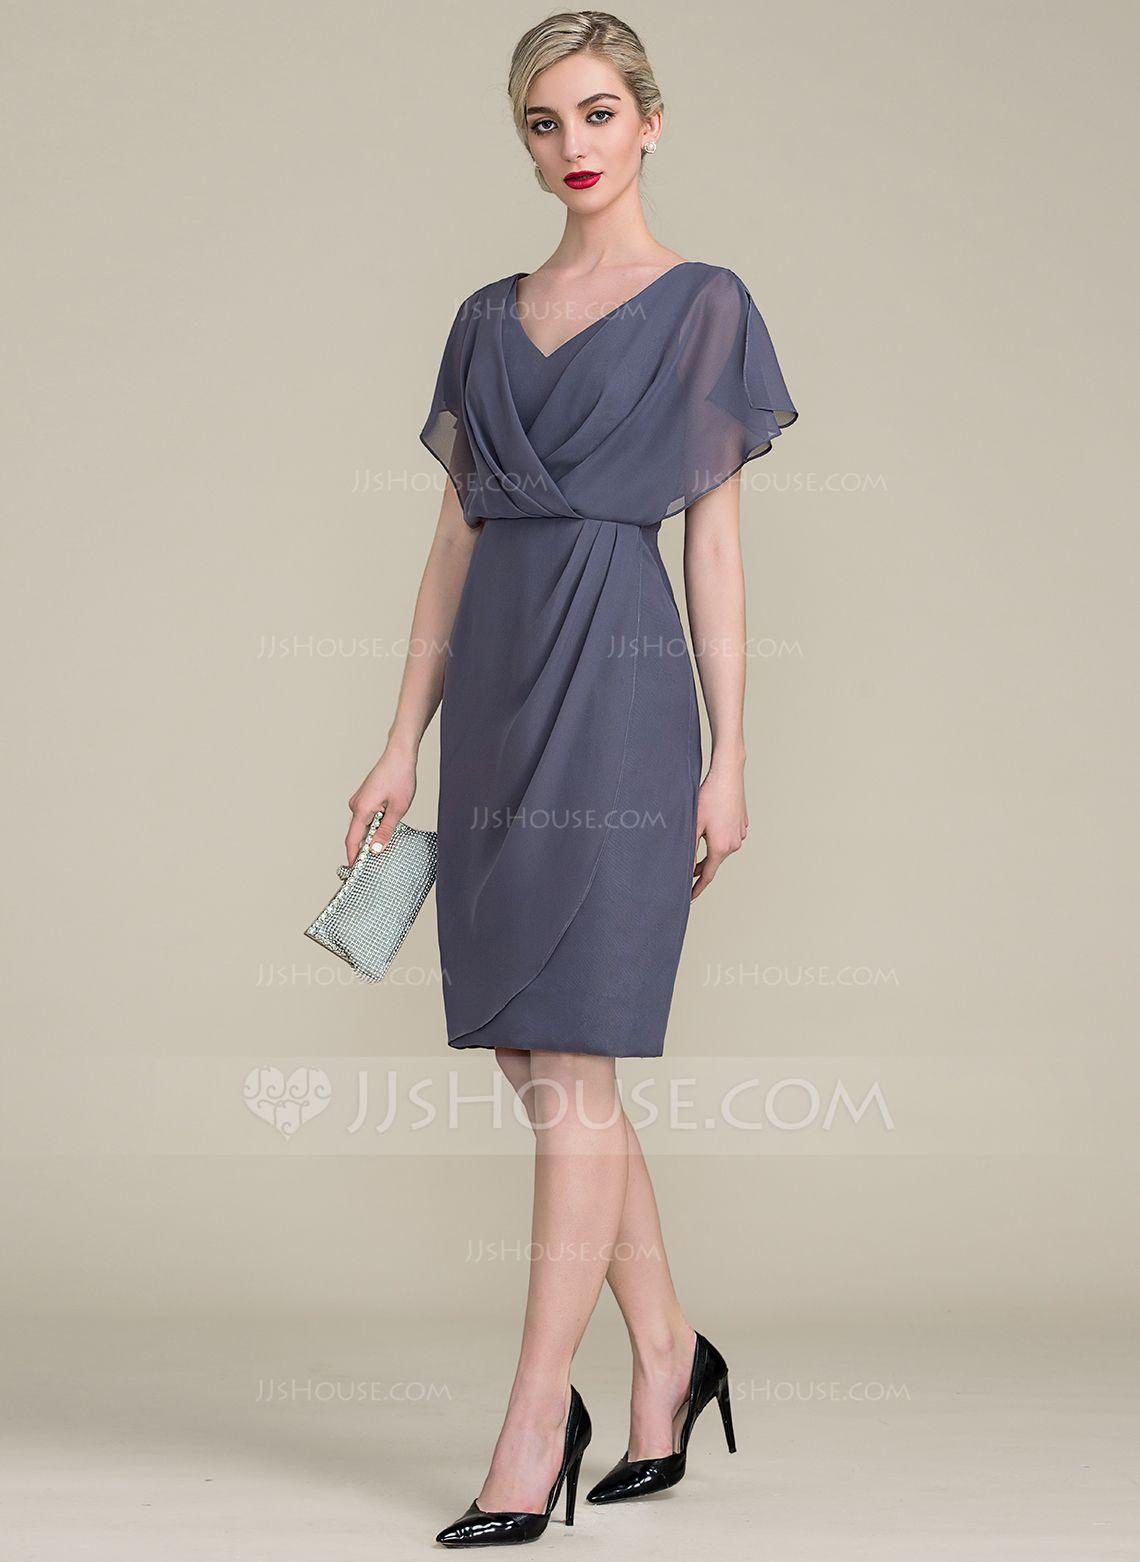 ede49ad4bed14f JJsHouse, jako wiodąca firma zajmująca się sprzedażą online, oferuje dużą  różnorodność sukni ślubnych, sukni dla gości weselnych, specjalnych sukni  ...